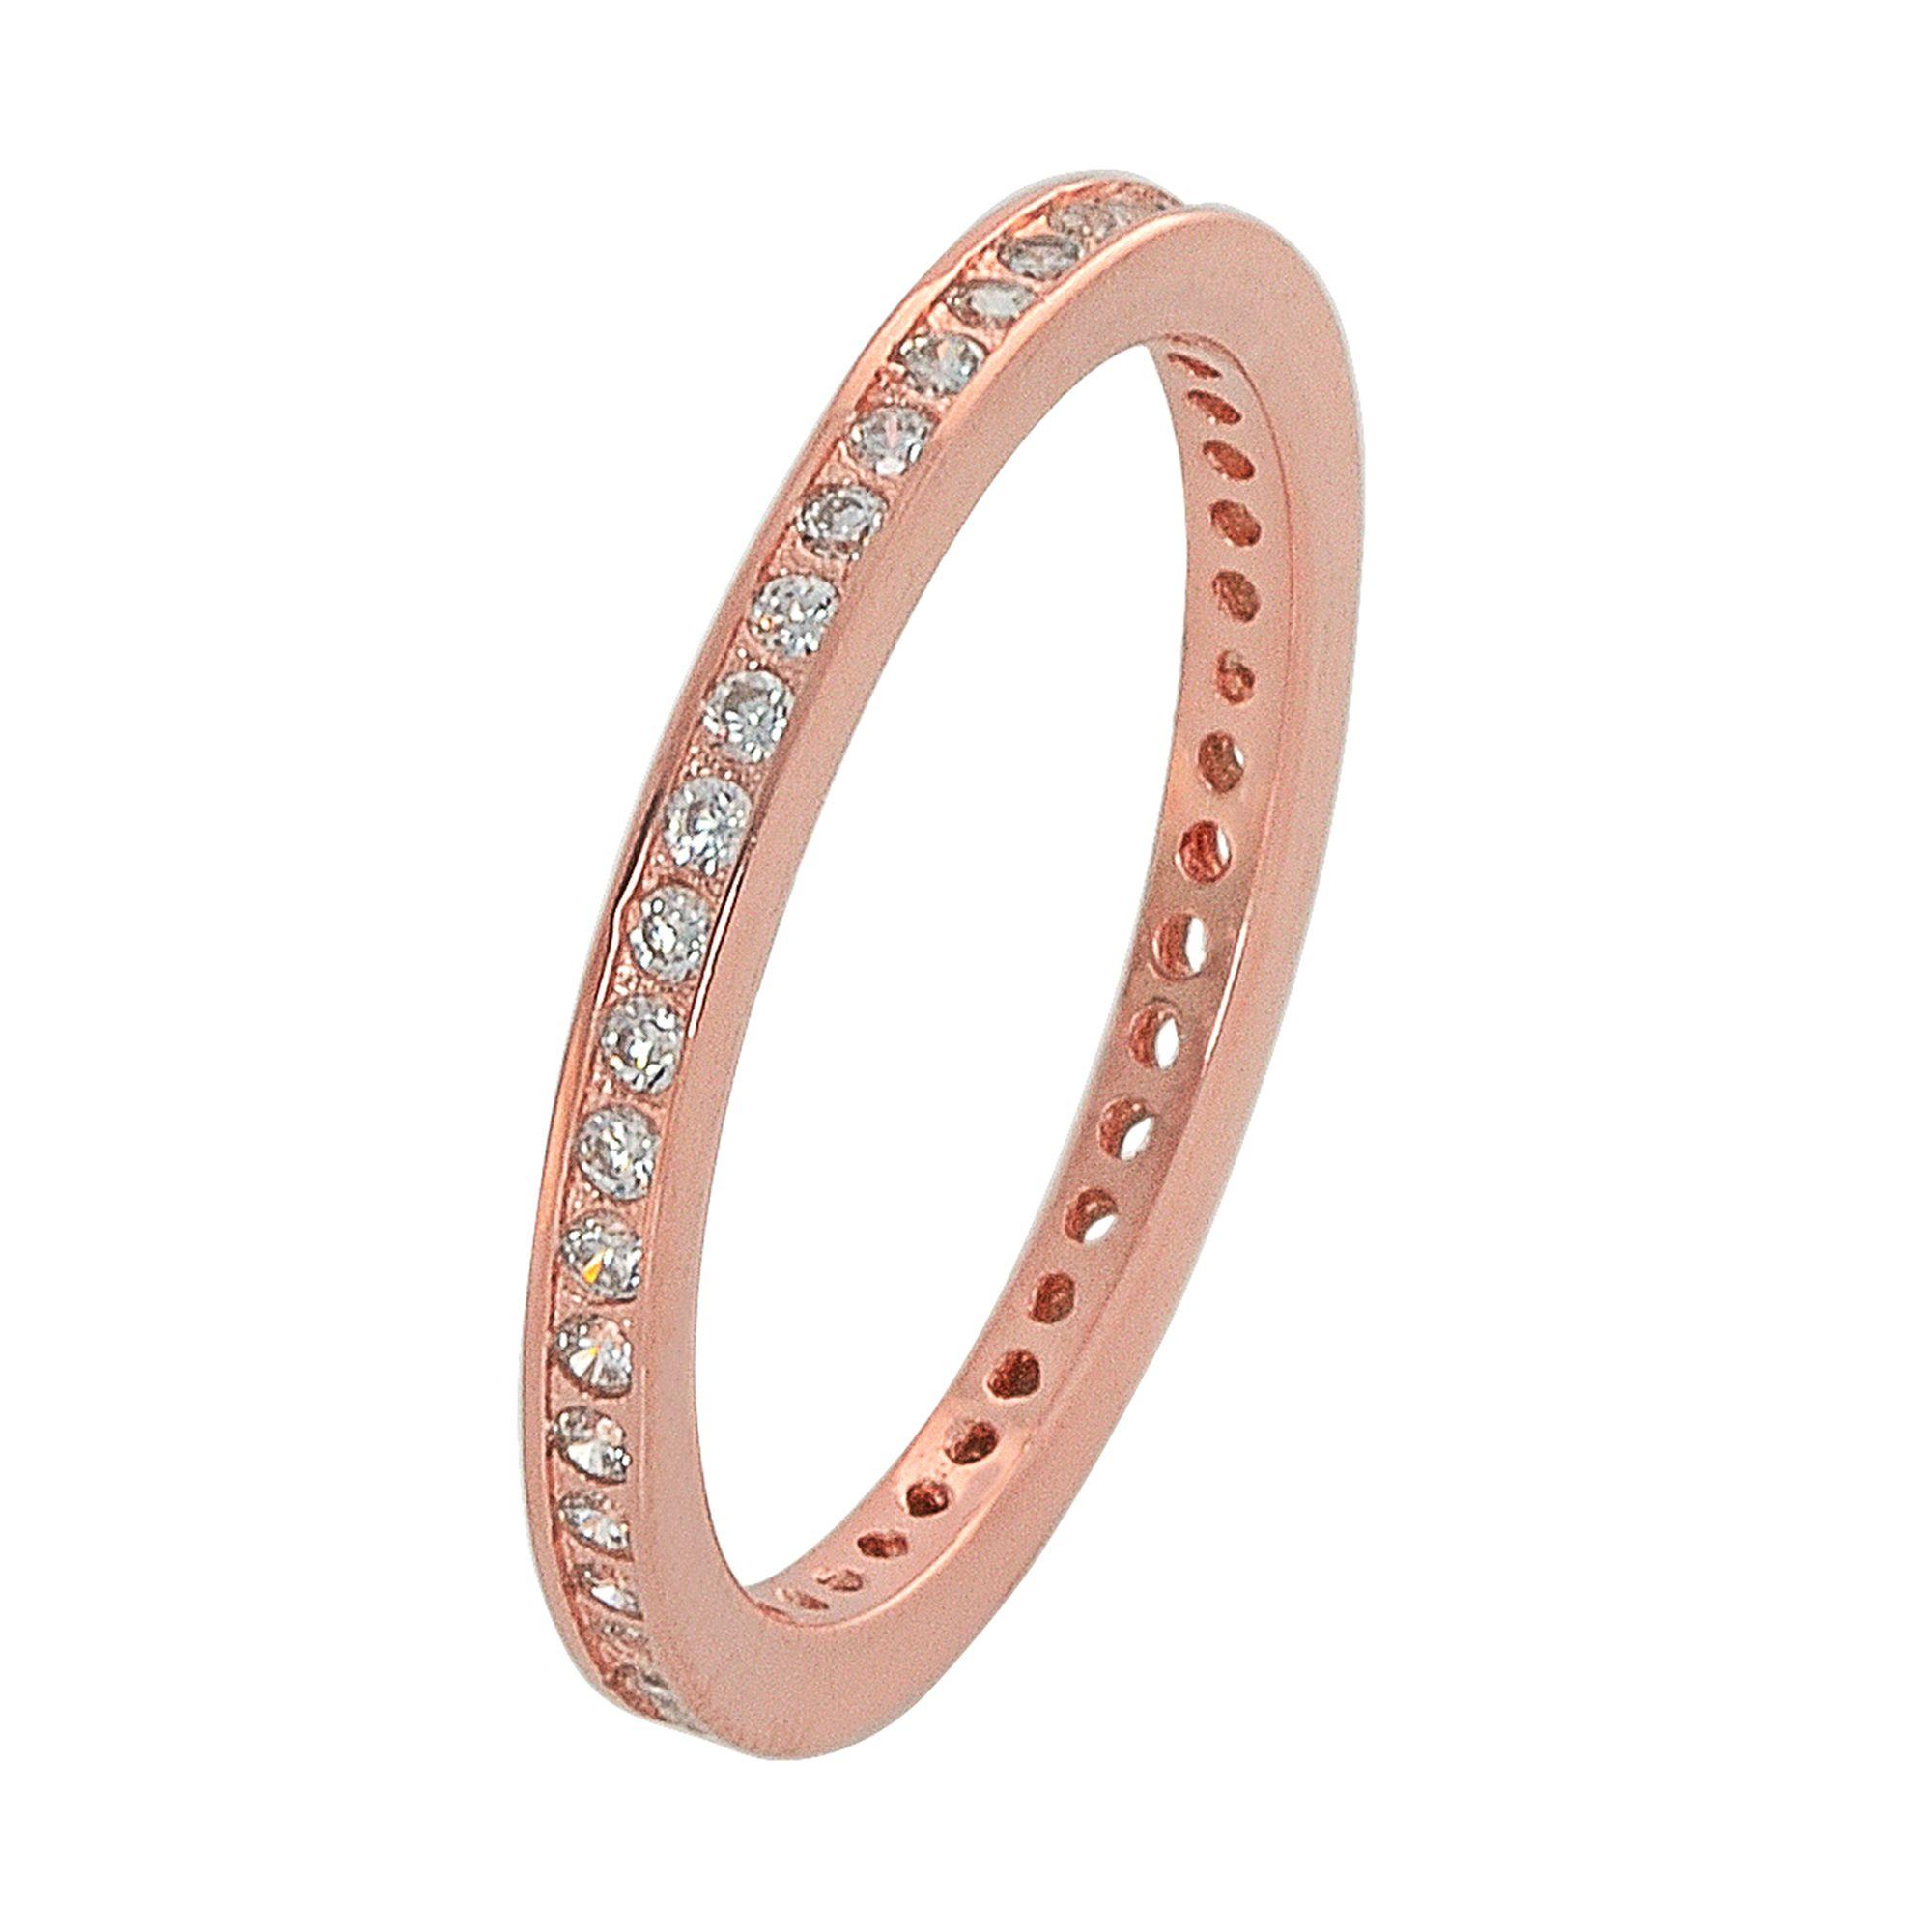 Ασημένιο Δαχτυλίδι Σειρέ με Πέτρες Ζιργκόν / Ροζ